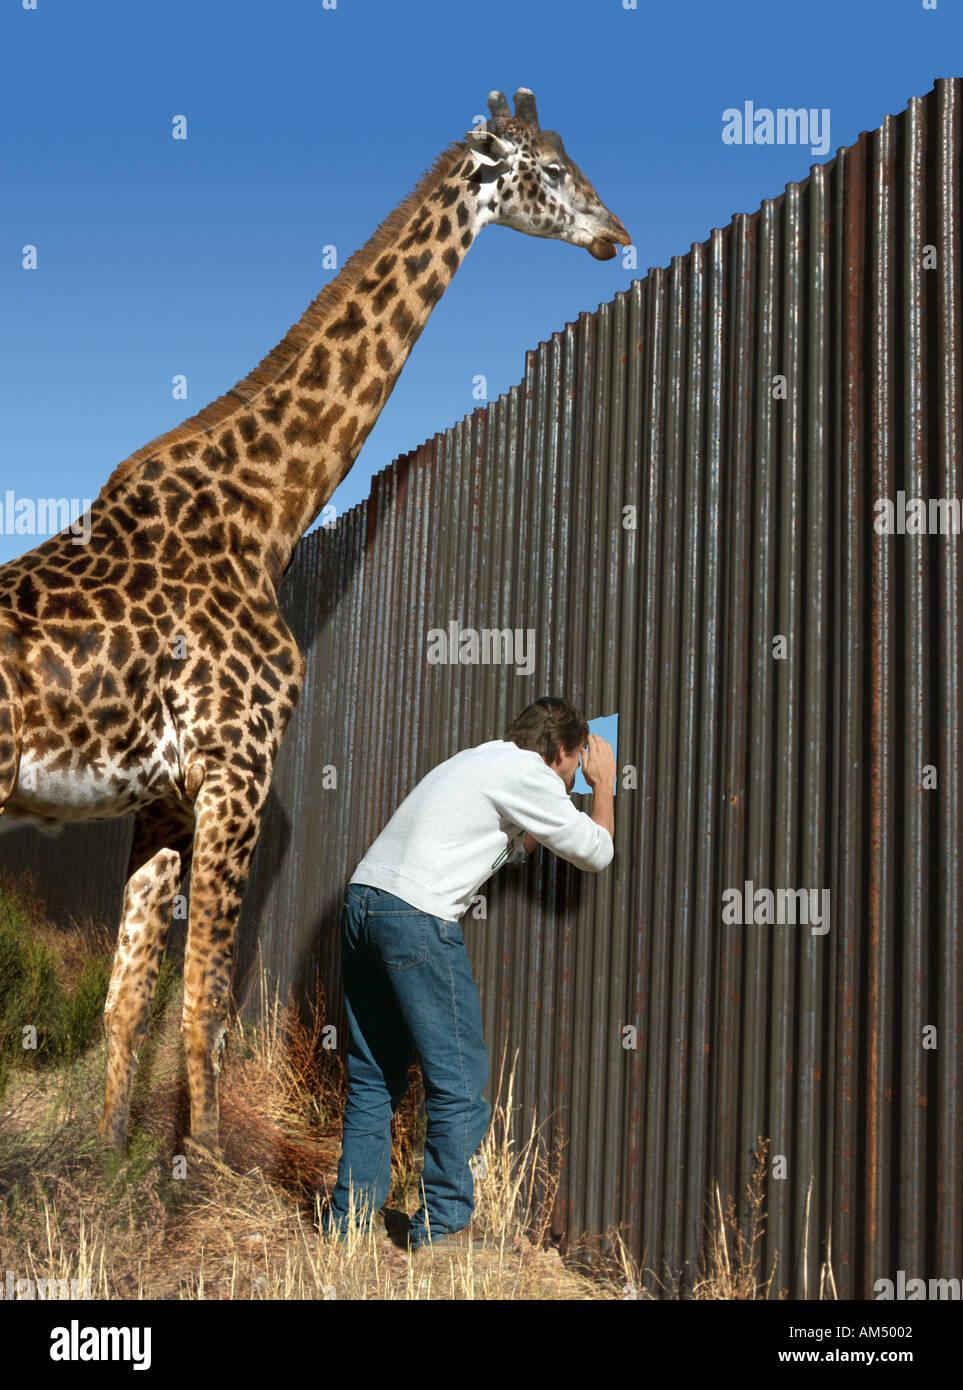 L'uomo coetanei attraverso un foro in un recinto e la giraffa coetanei su di esso Immagini Stock